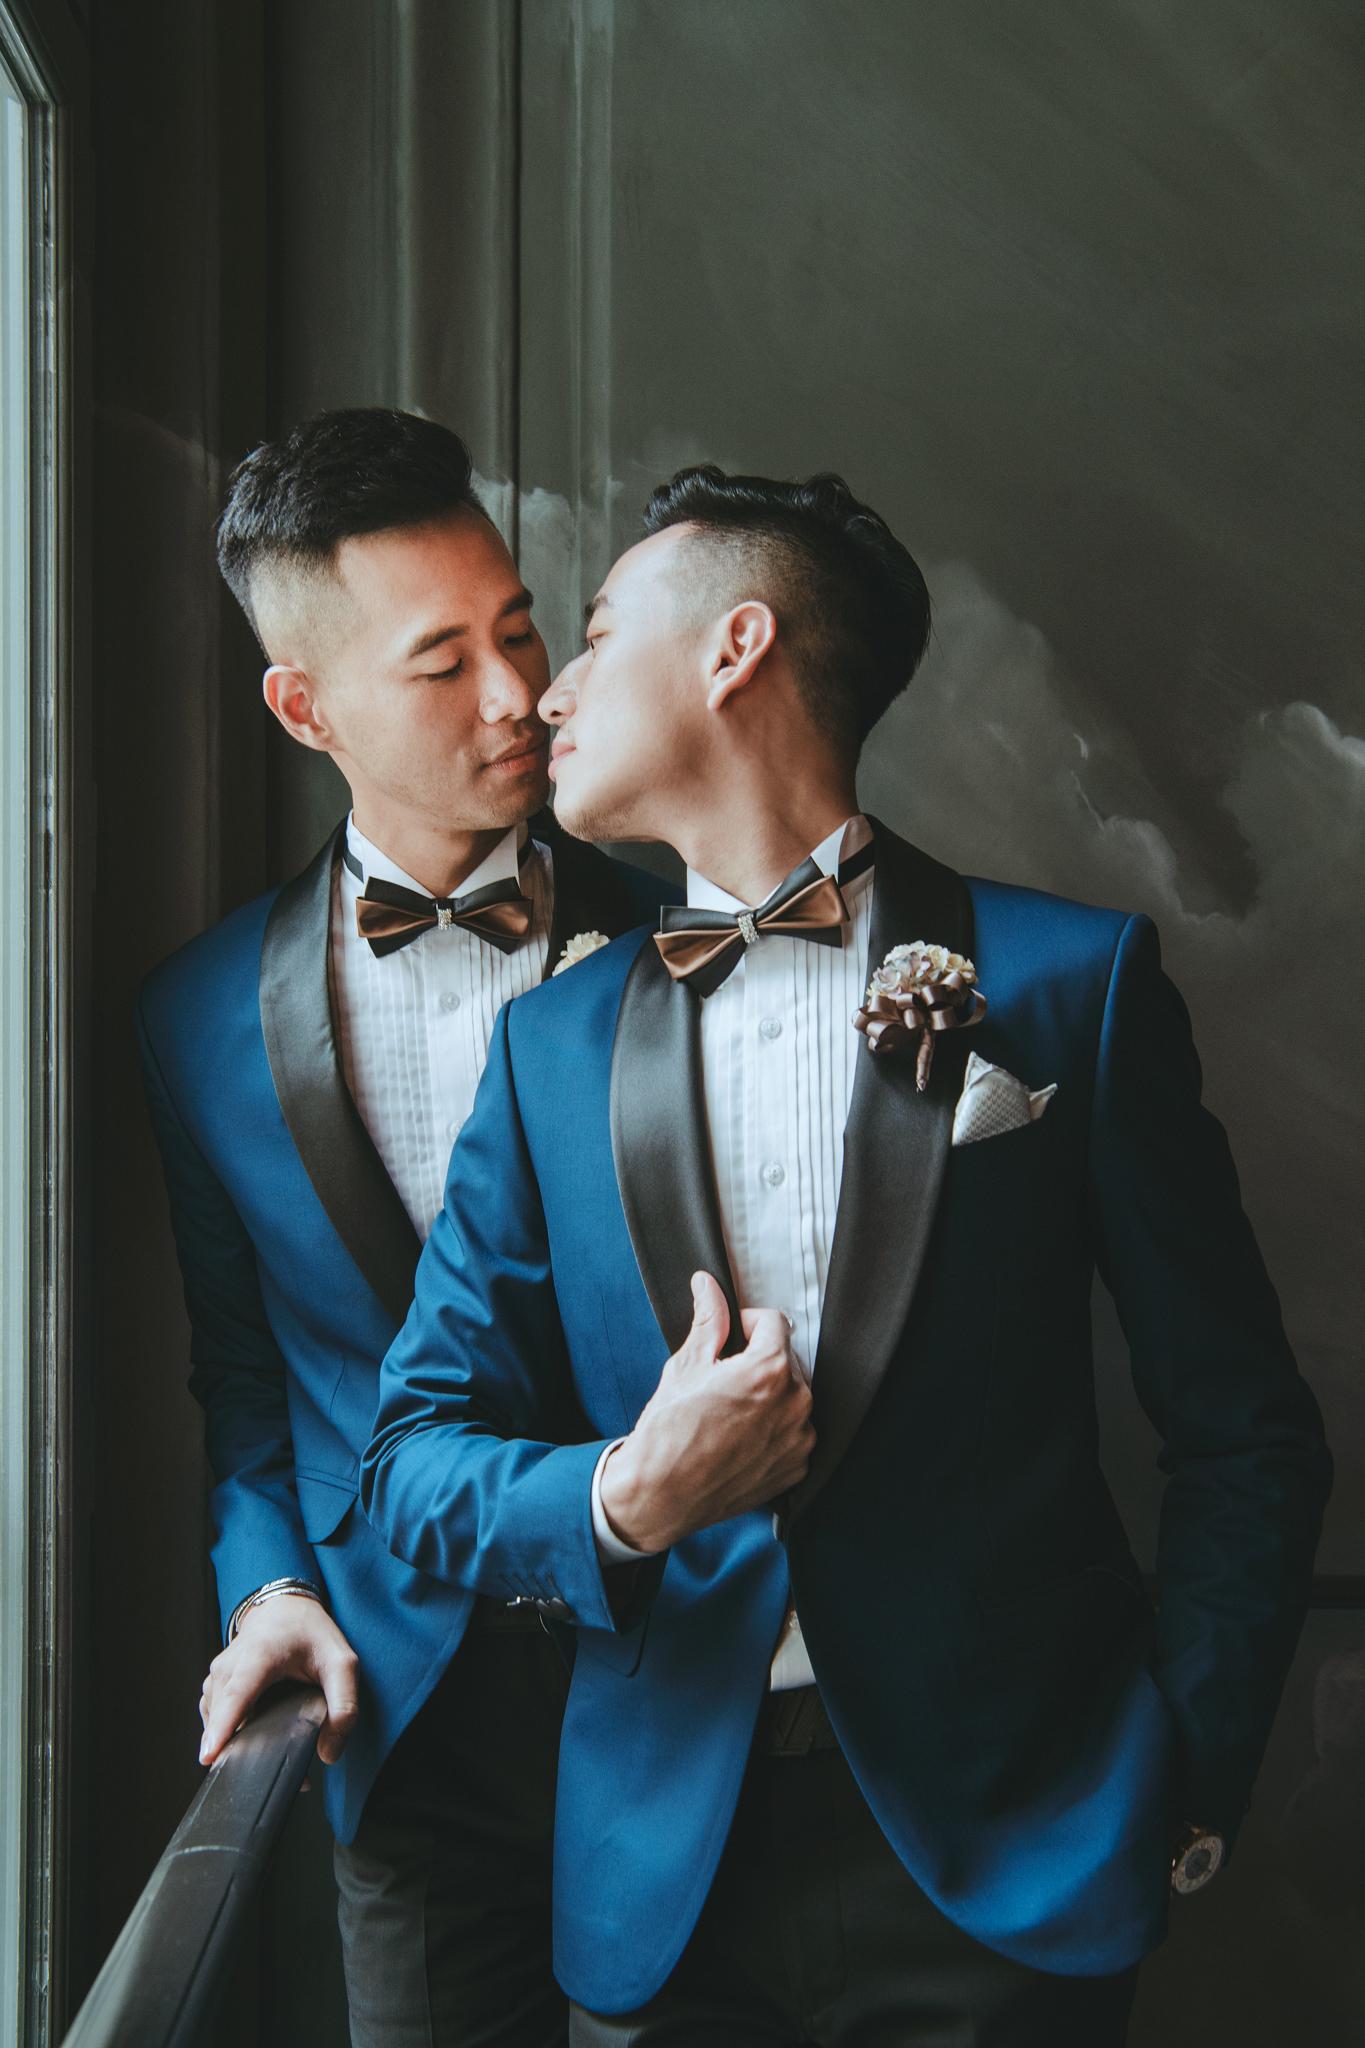 自助婚紗, 東法, Donfer, EASTERN WEDDING, 巴黎婚紗, 同志婚紗, 藝術婚紗, Donfer Photography, 婚紗影像